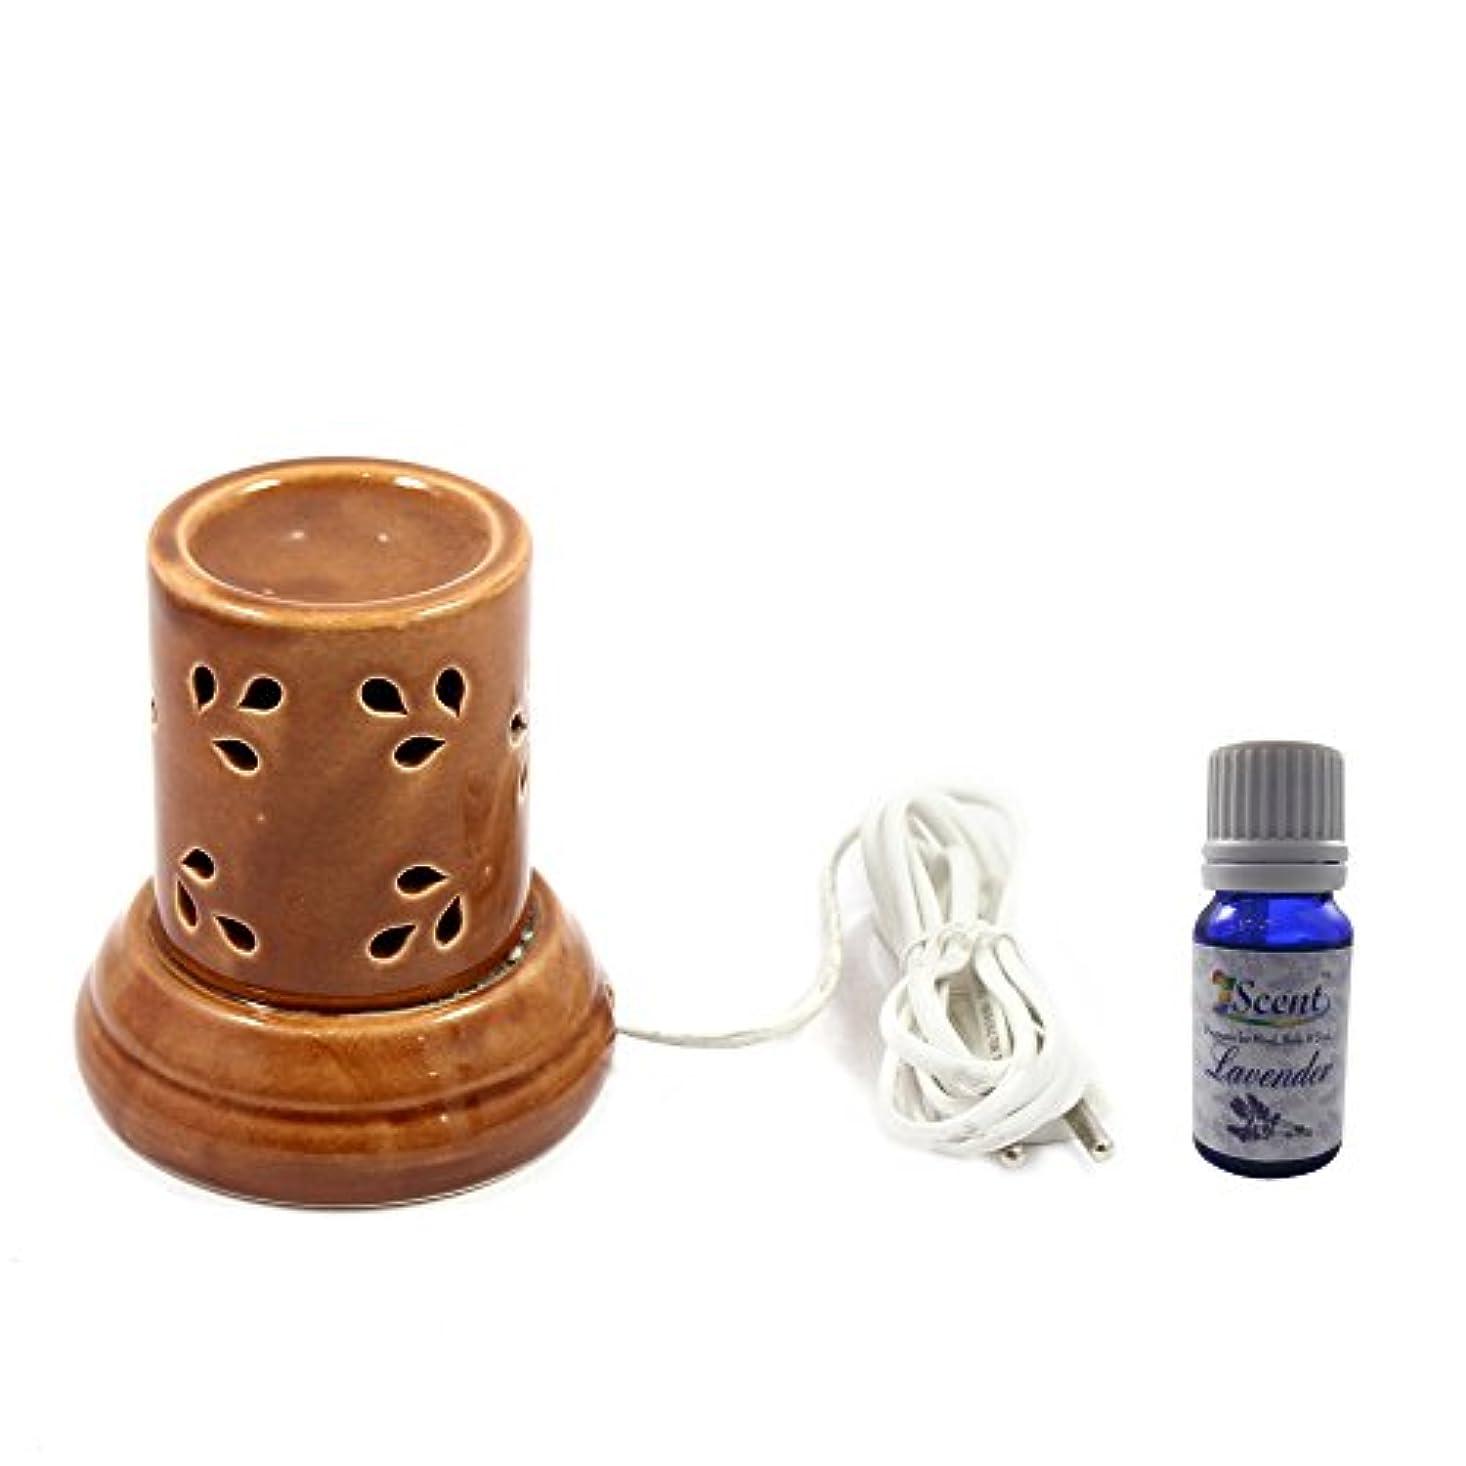 ビタミン呼び出す贅沢ホームデコレーション定期的に使用する汚染フリーハンドメイドセラミックエスニックサンダルウッドフレグランスオイルとアロマディフューザーオイルバーナー良質ブラウン色電気アロマテラピー香油暖かい数量1